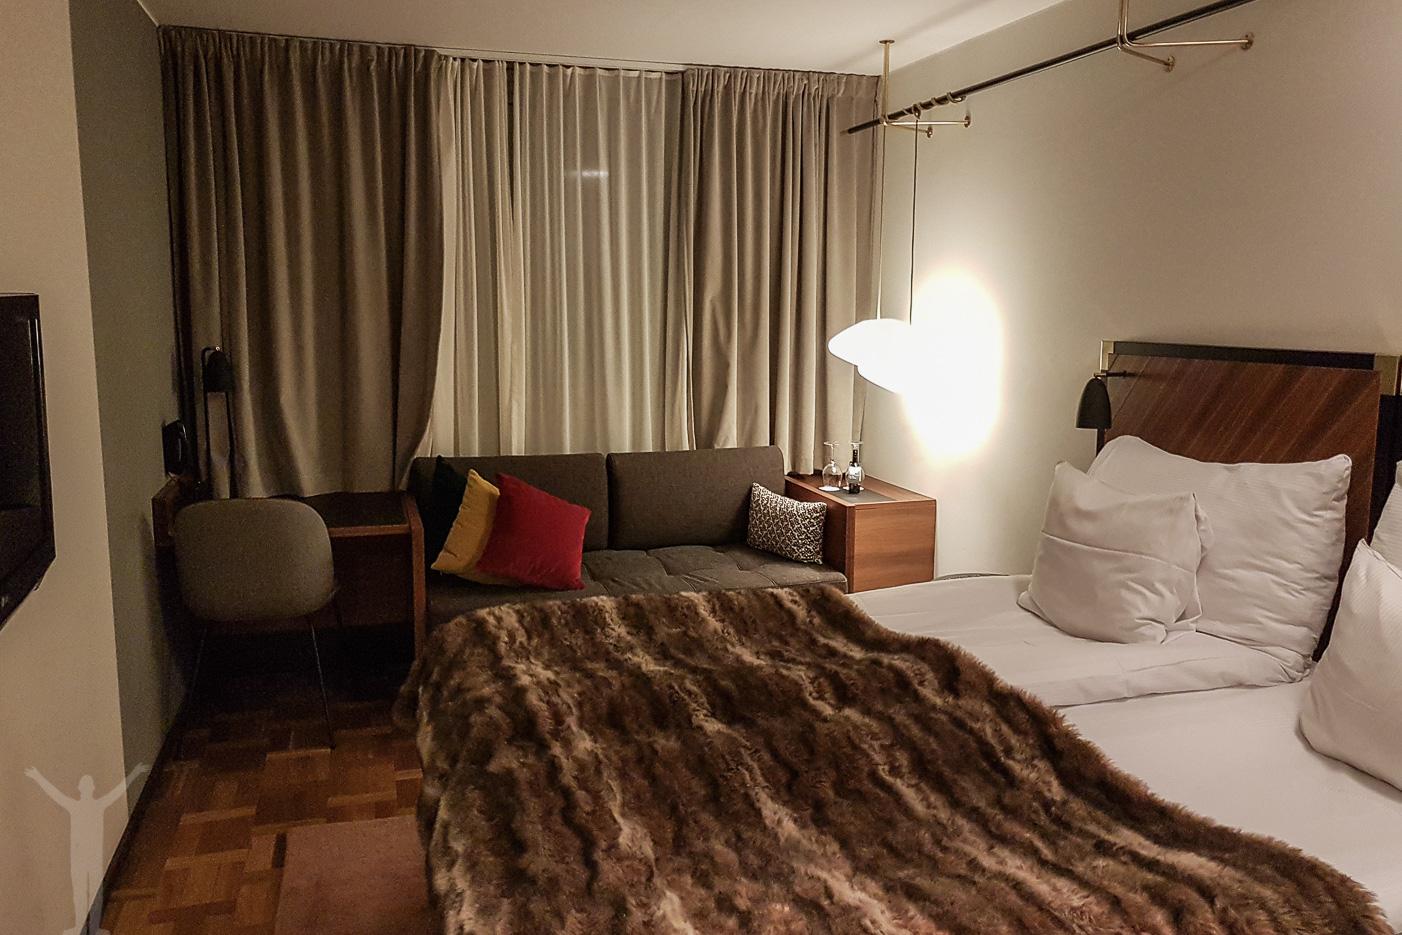 Hotell Amaranten, Kungsholmen